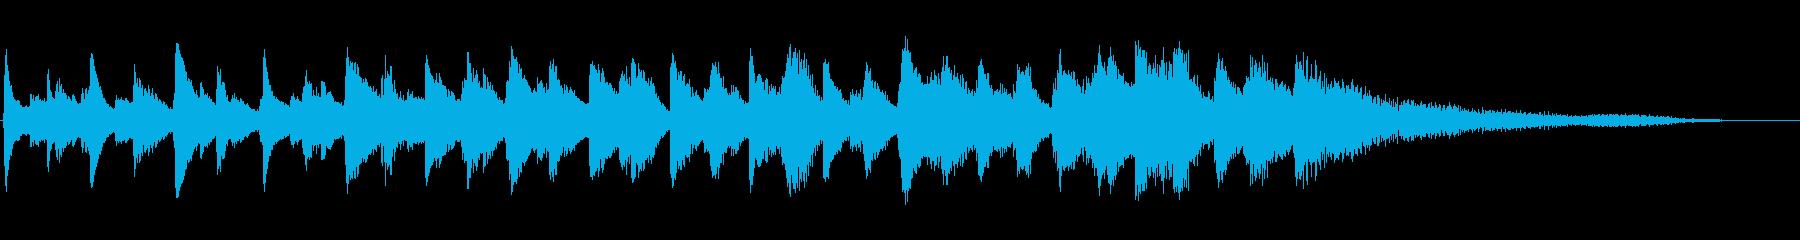 グランドピアノ:スローロールダウン...の再生済みの波形